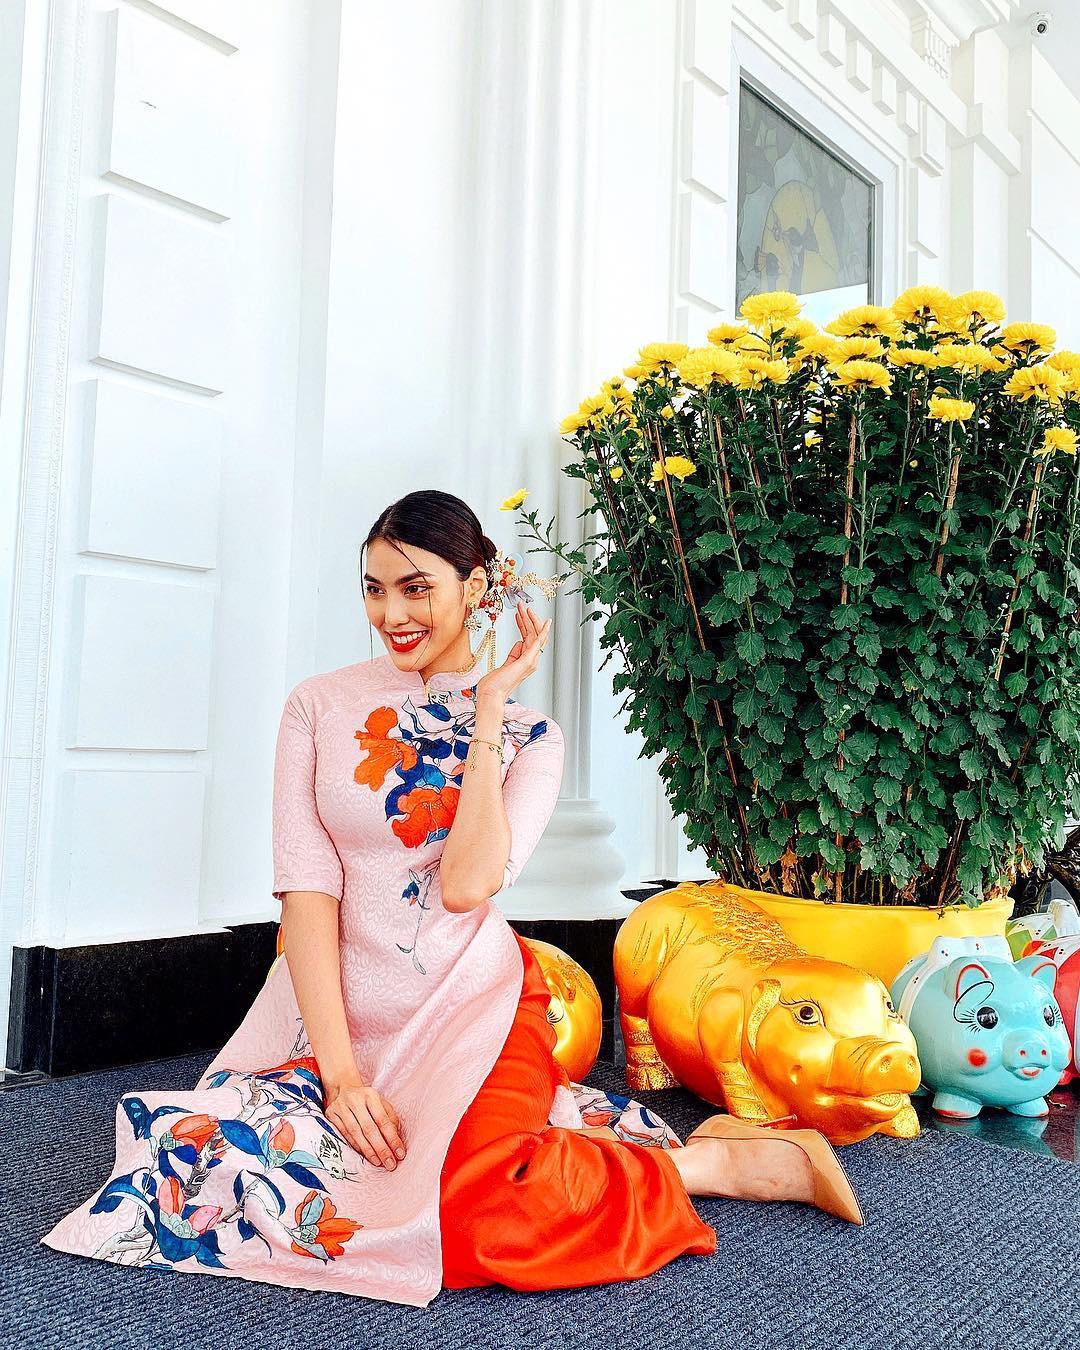 Mùng 1 Tết: Ngợp trời sao diện áo dài, nhưng nổi nhất là vợ chồng Hà Tăng và Lan Khuê với cơ ngơi dát vàng-3